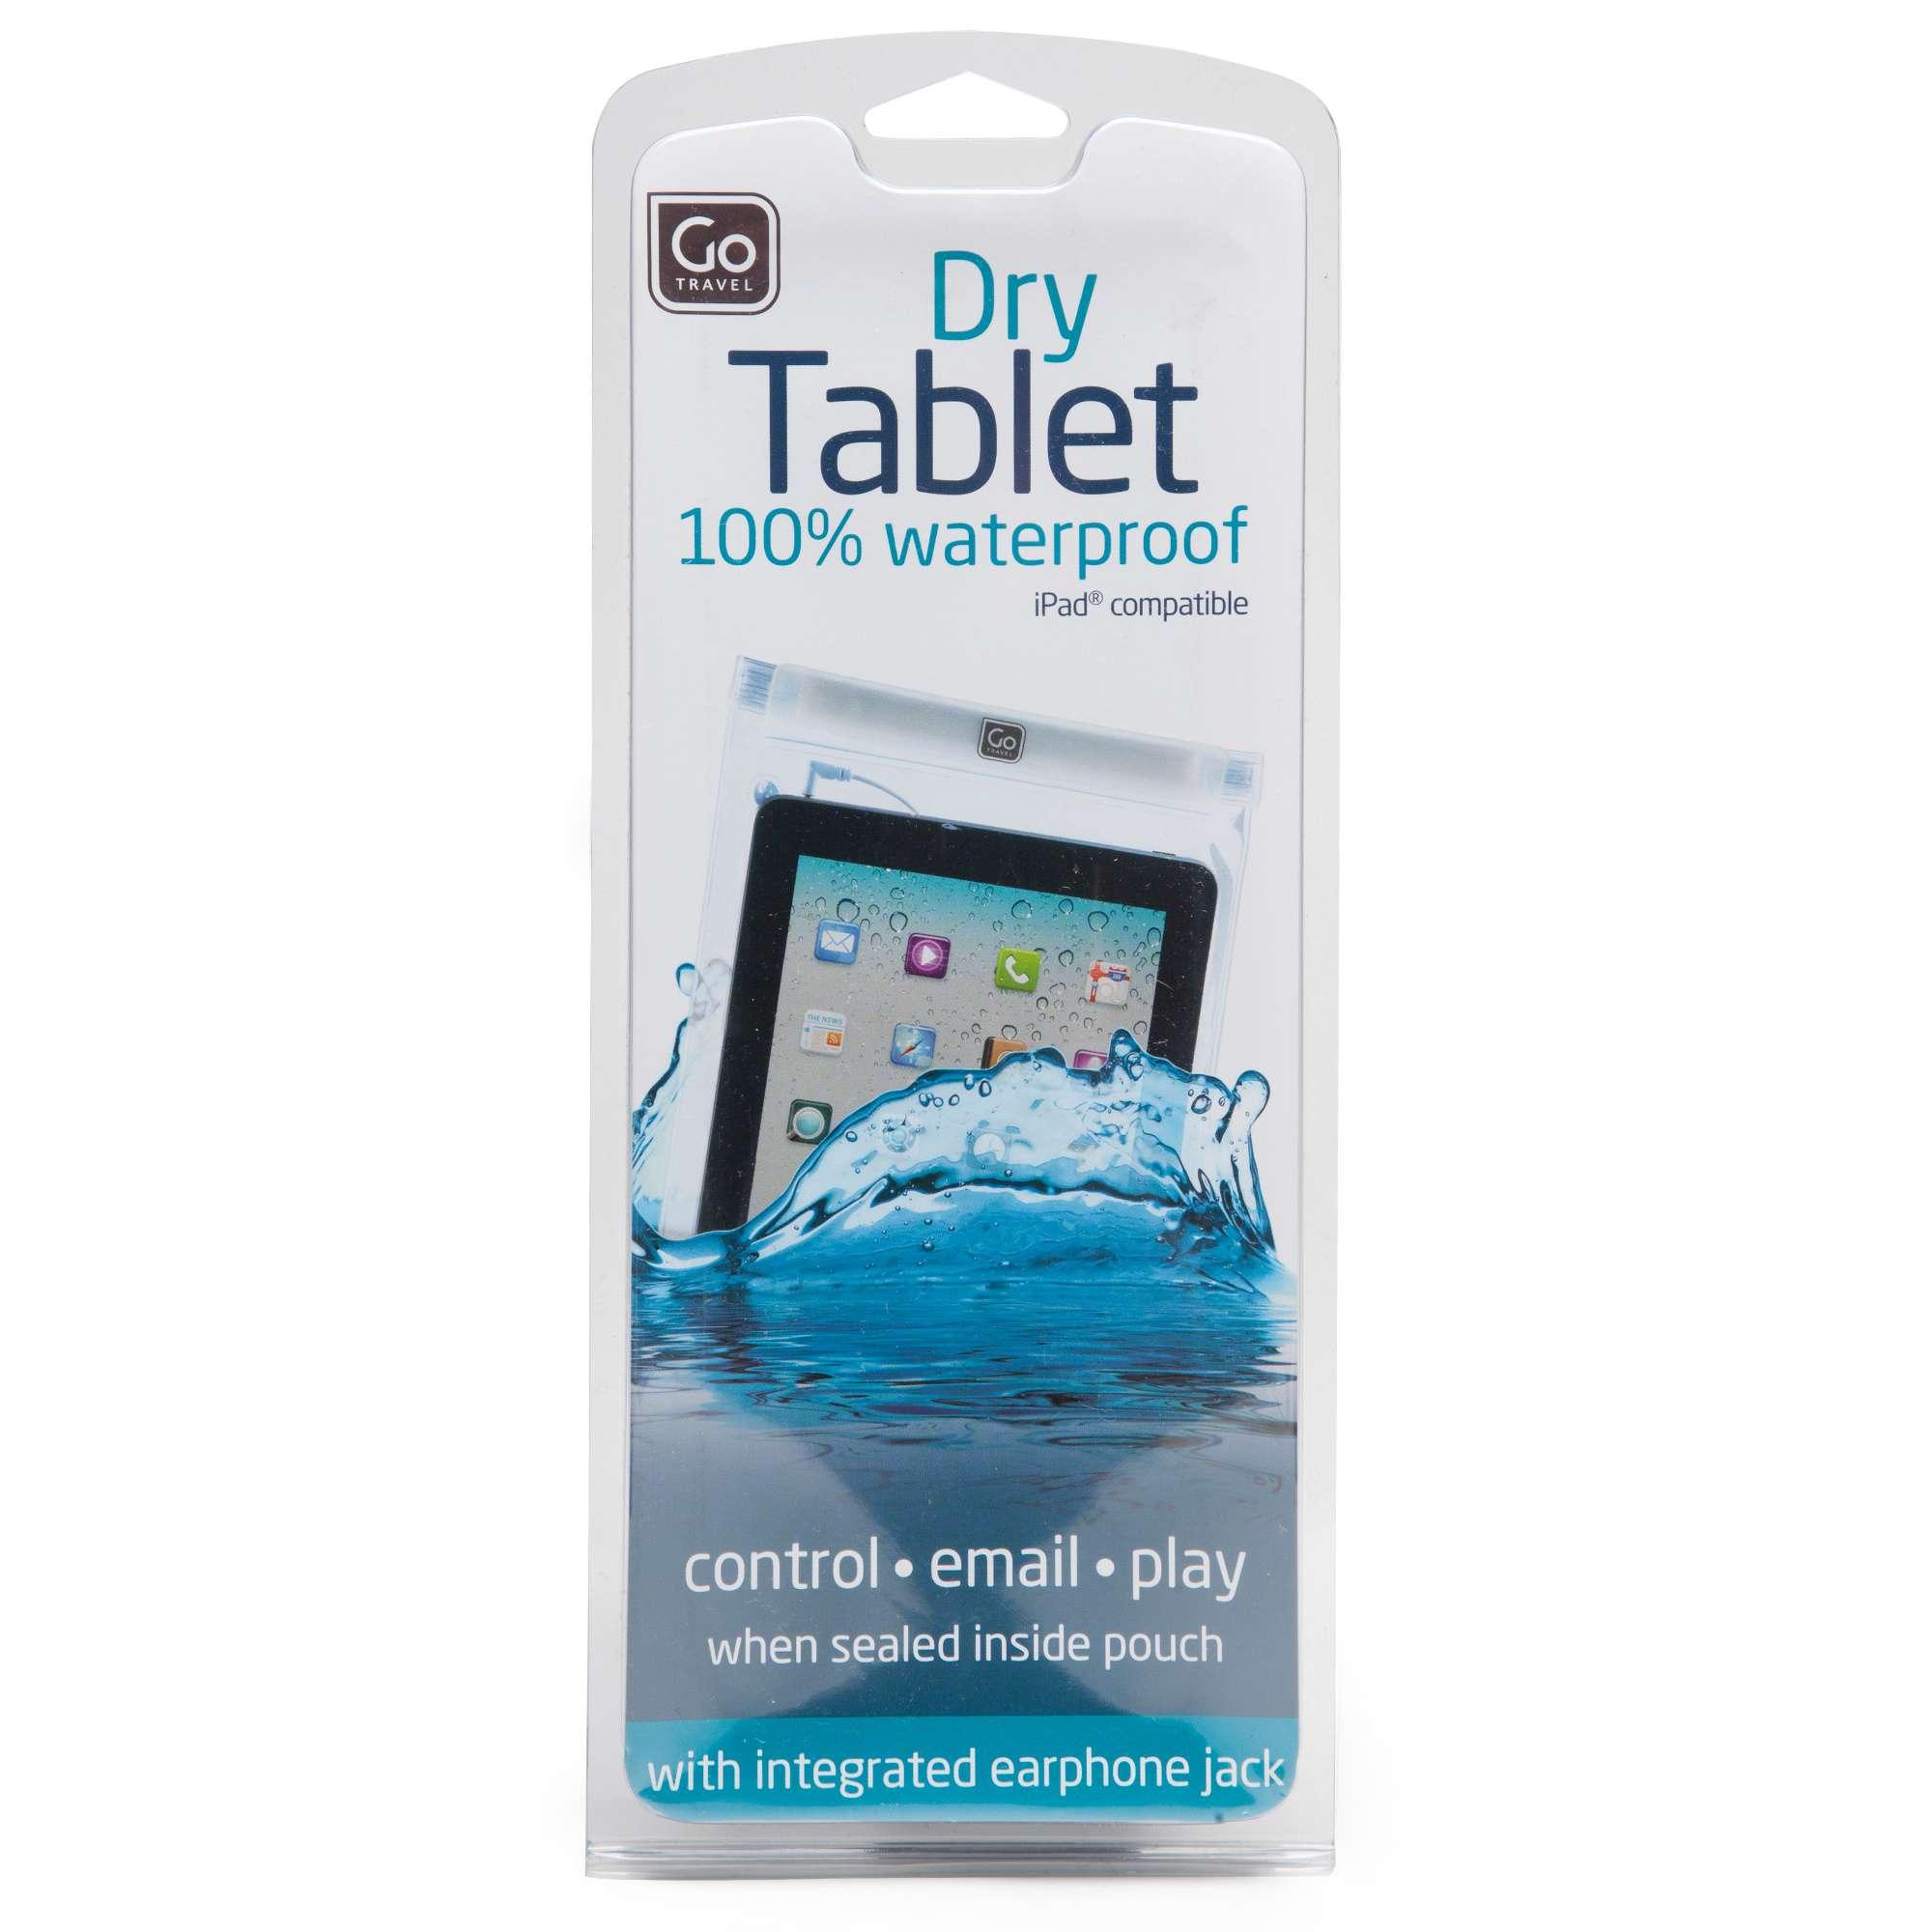 DESIGN GO Dry Waterproof iPad Case